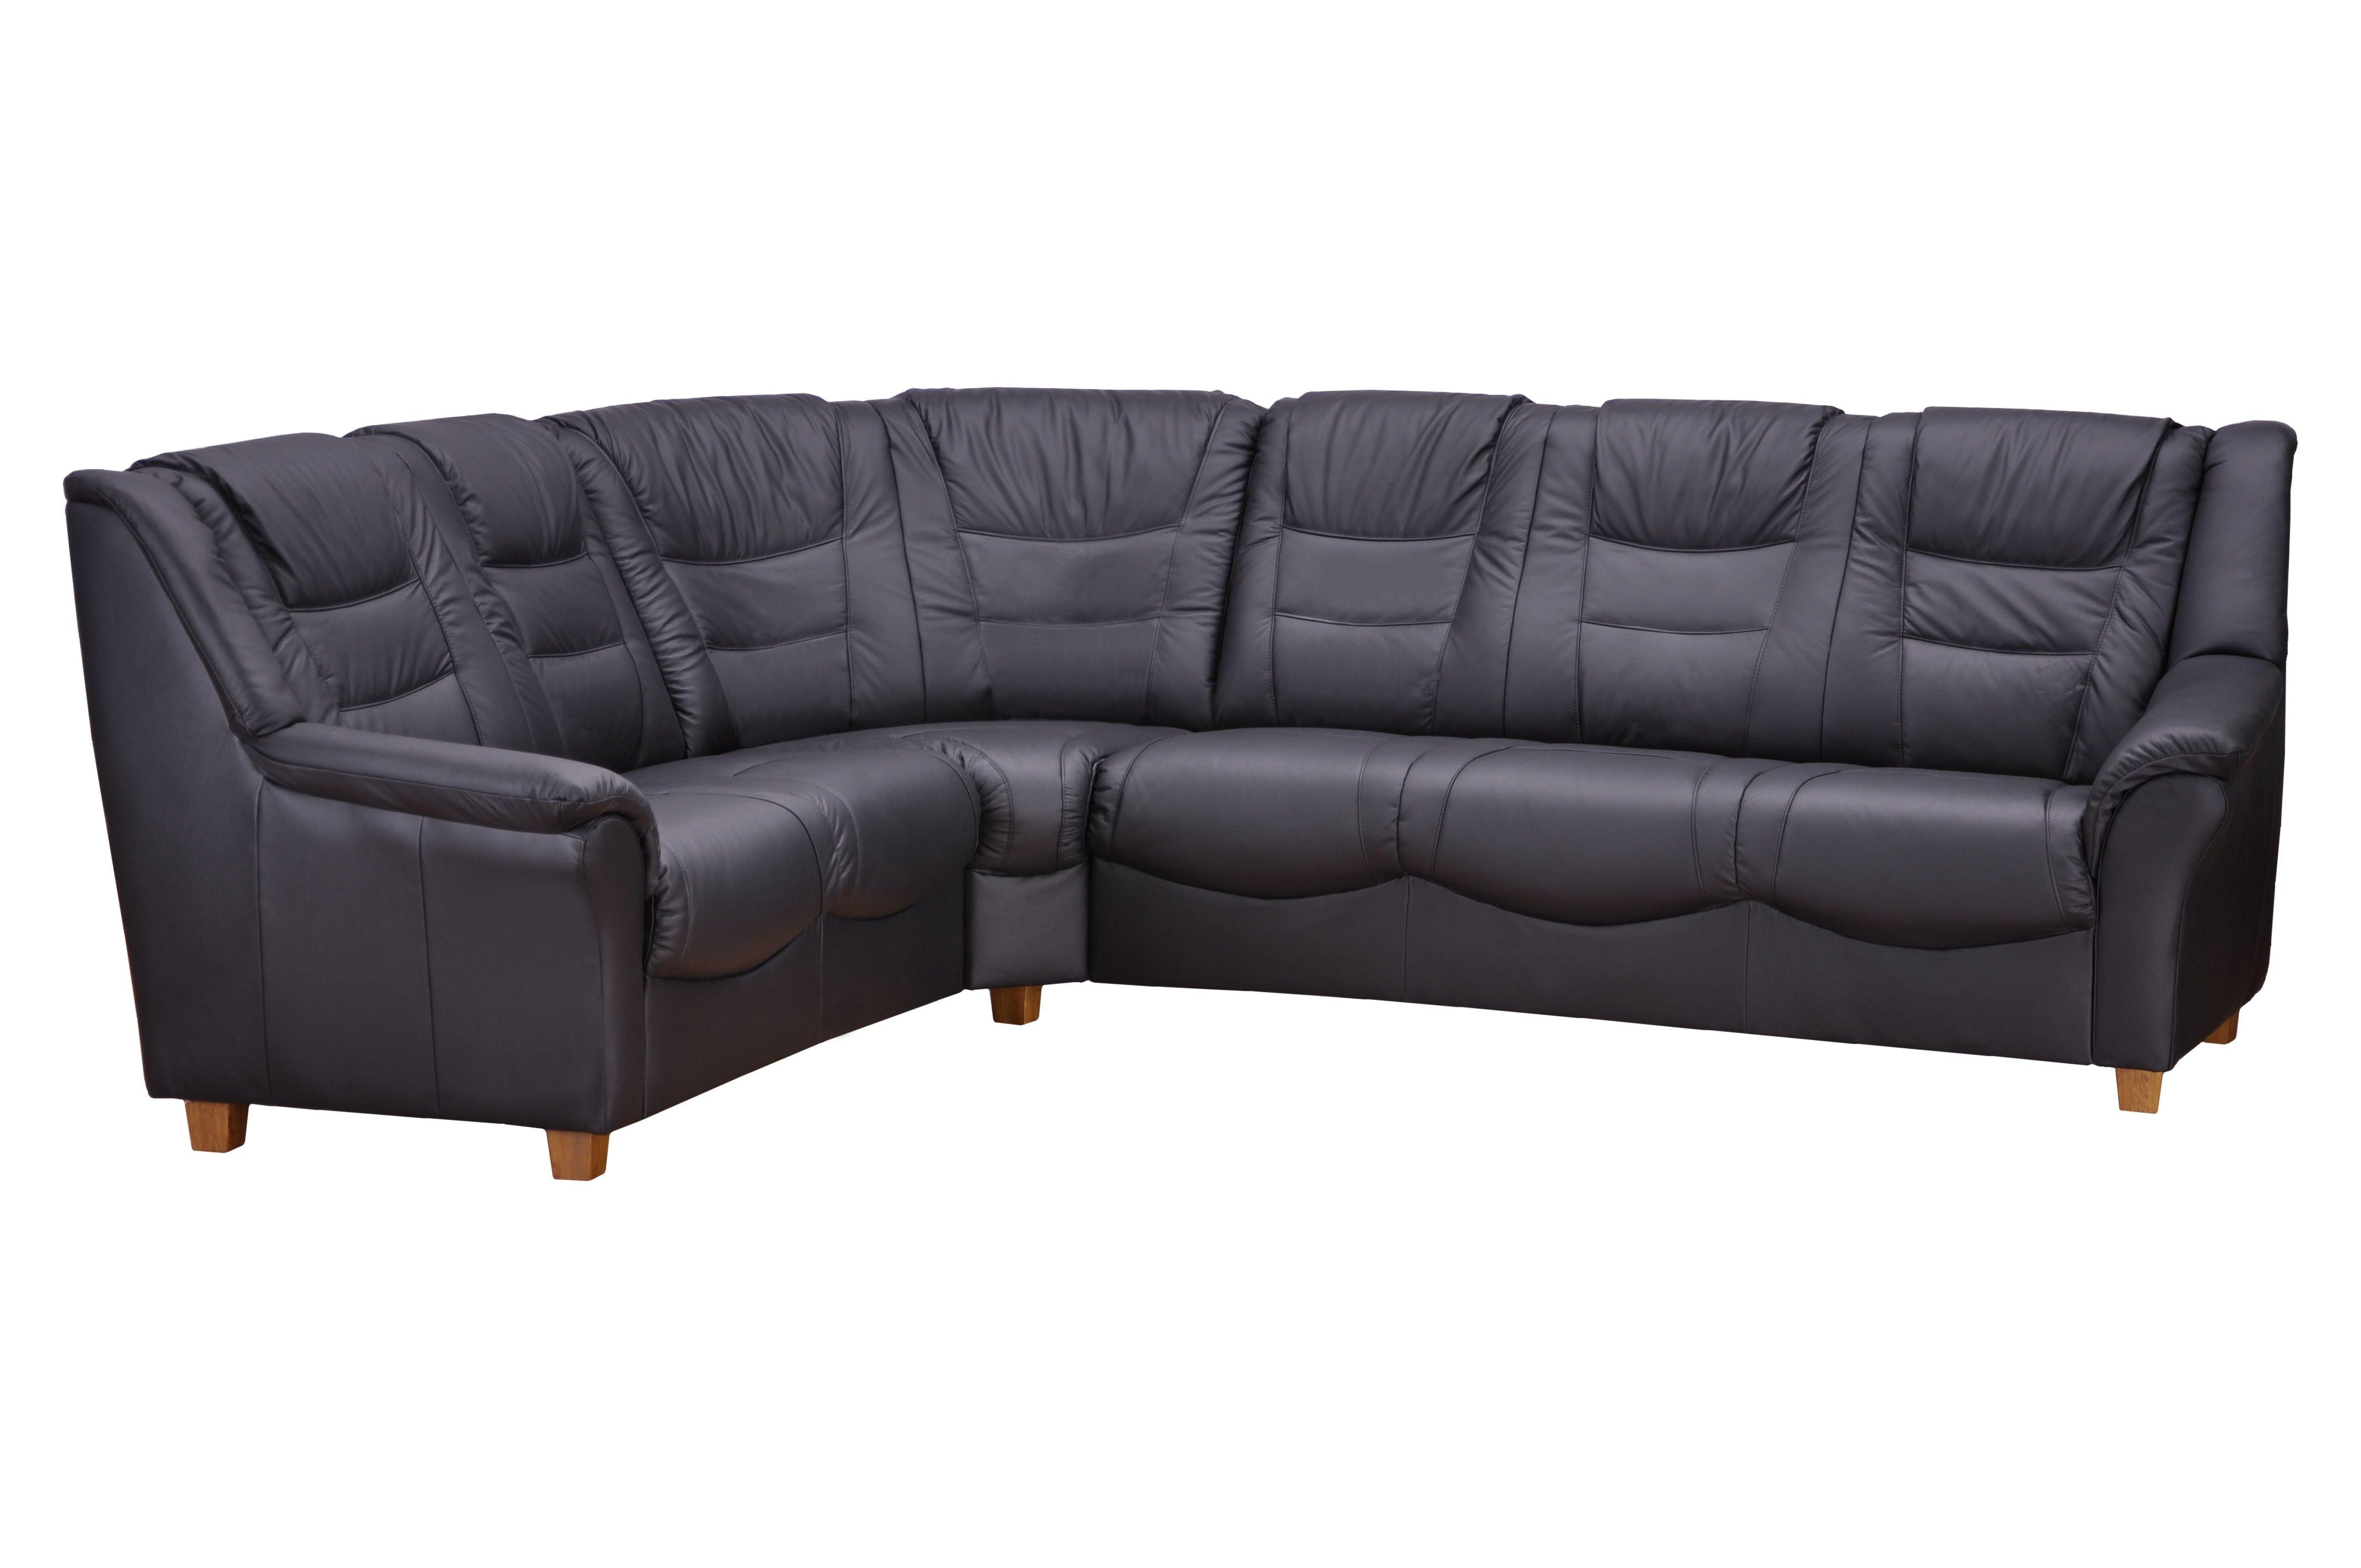 Hjort Knudsen dansk design i sofaer og lænestole